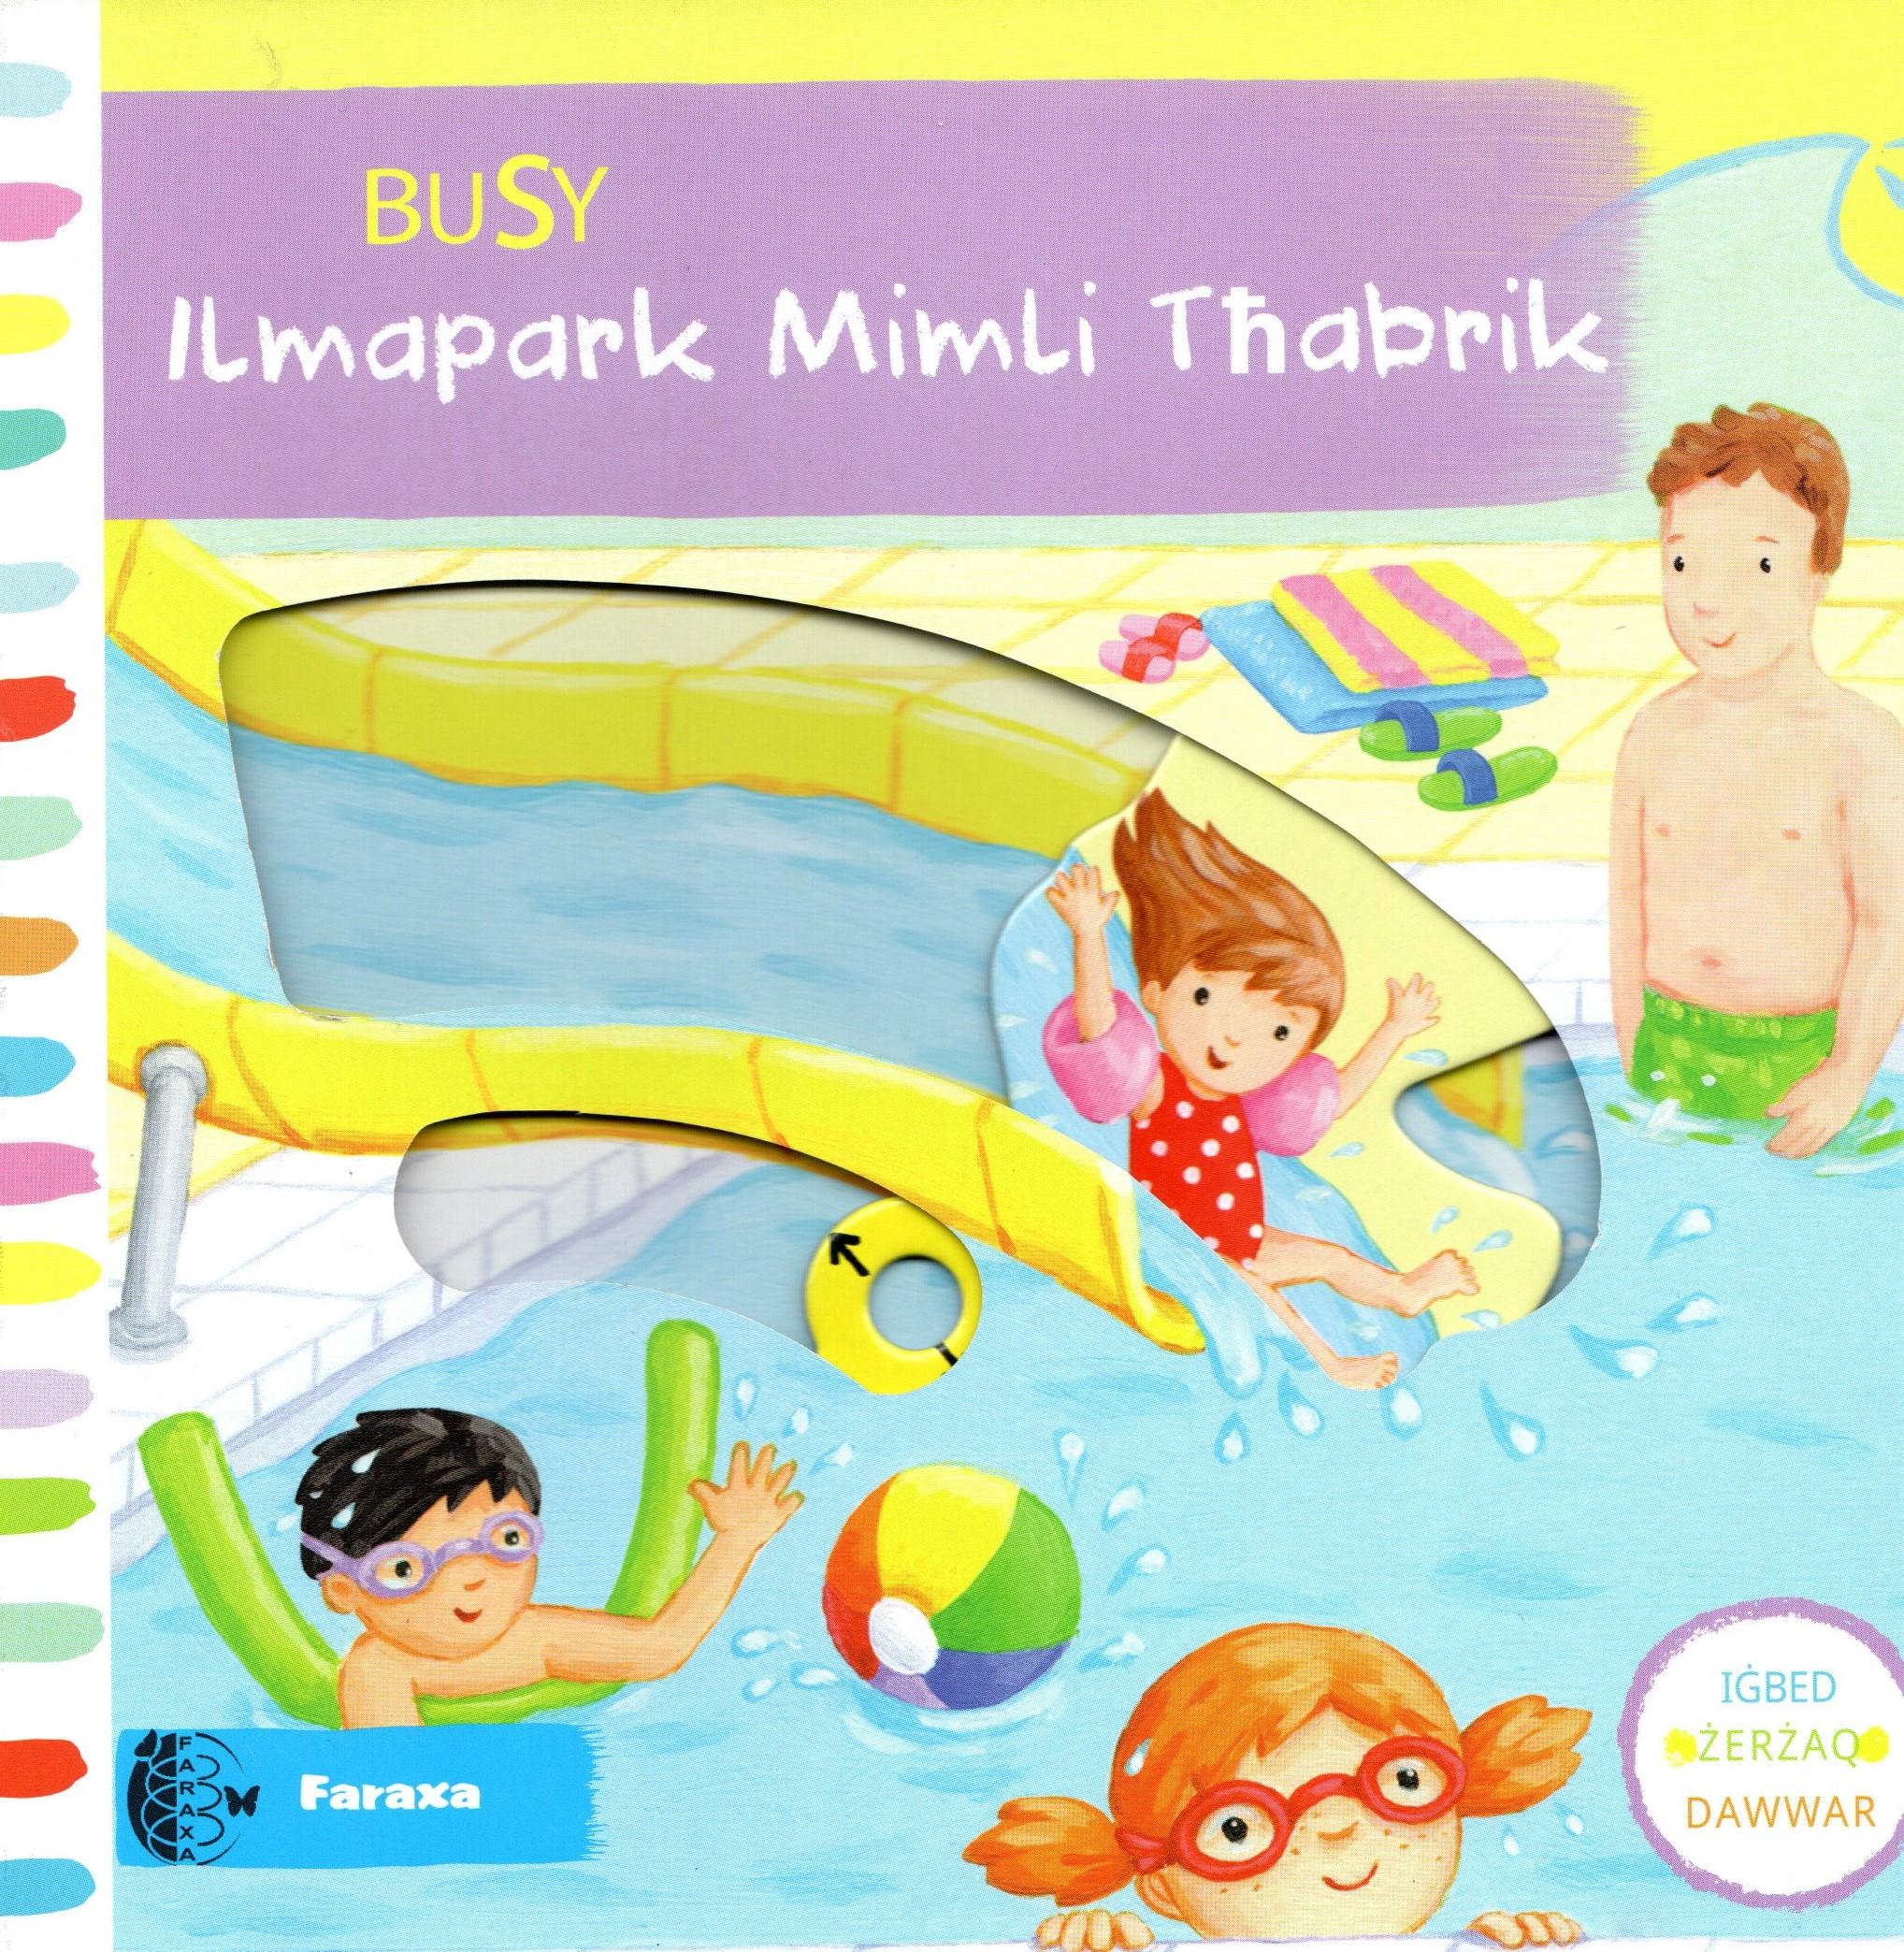 Busy Ilmapark Mimli Tħabrik